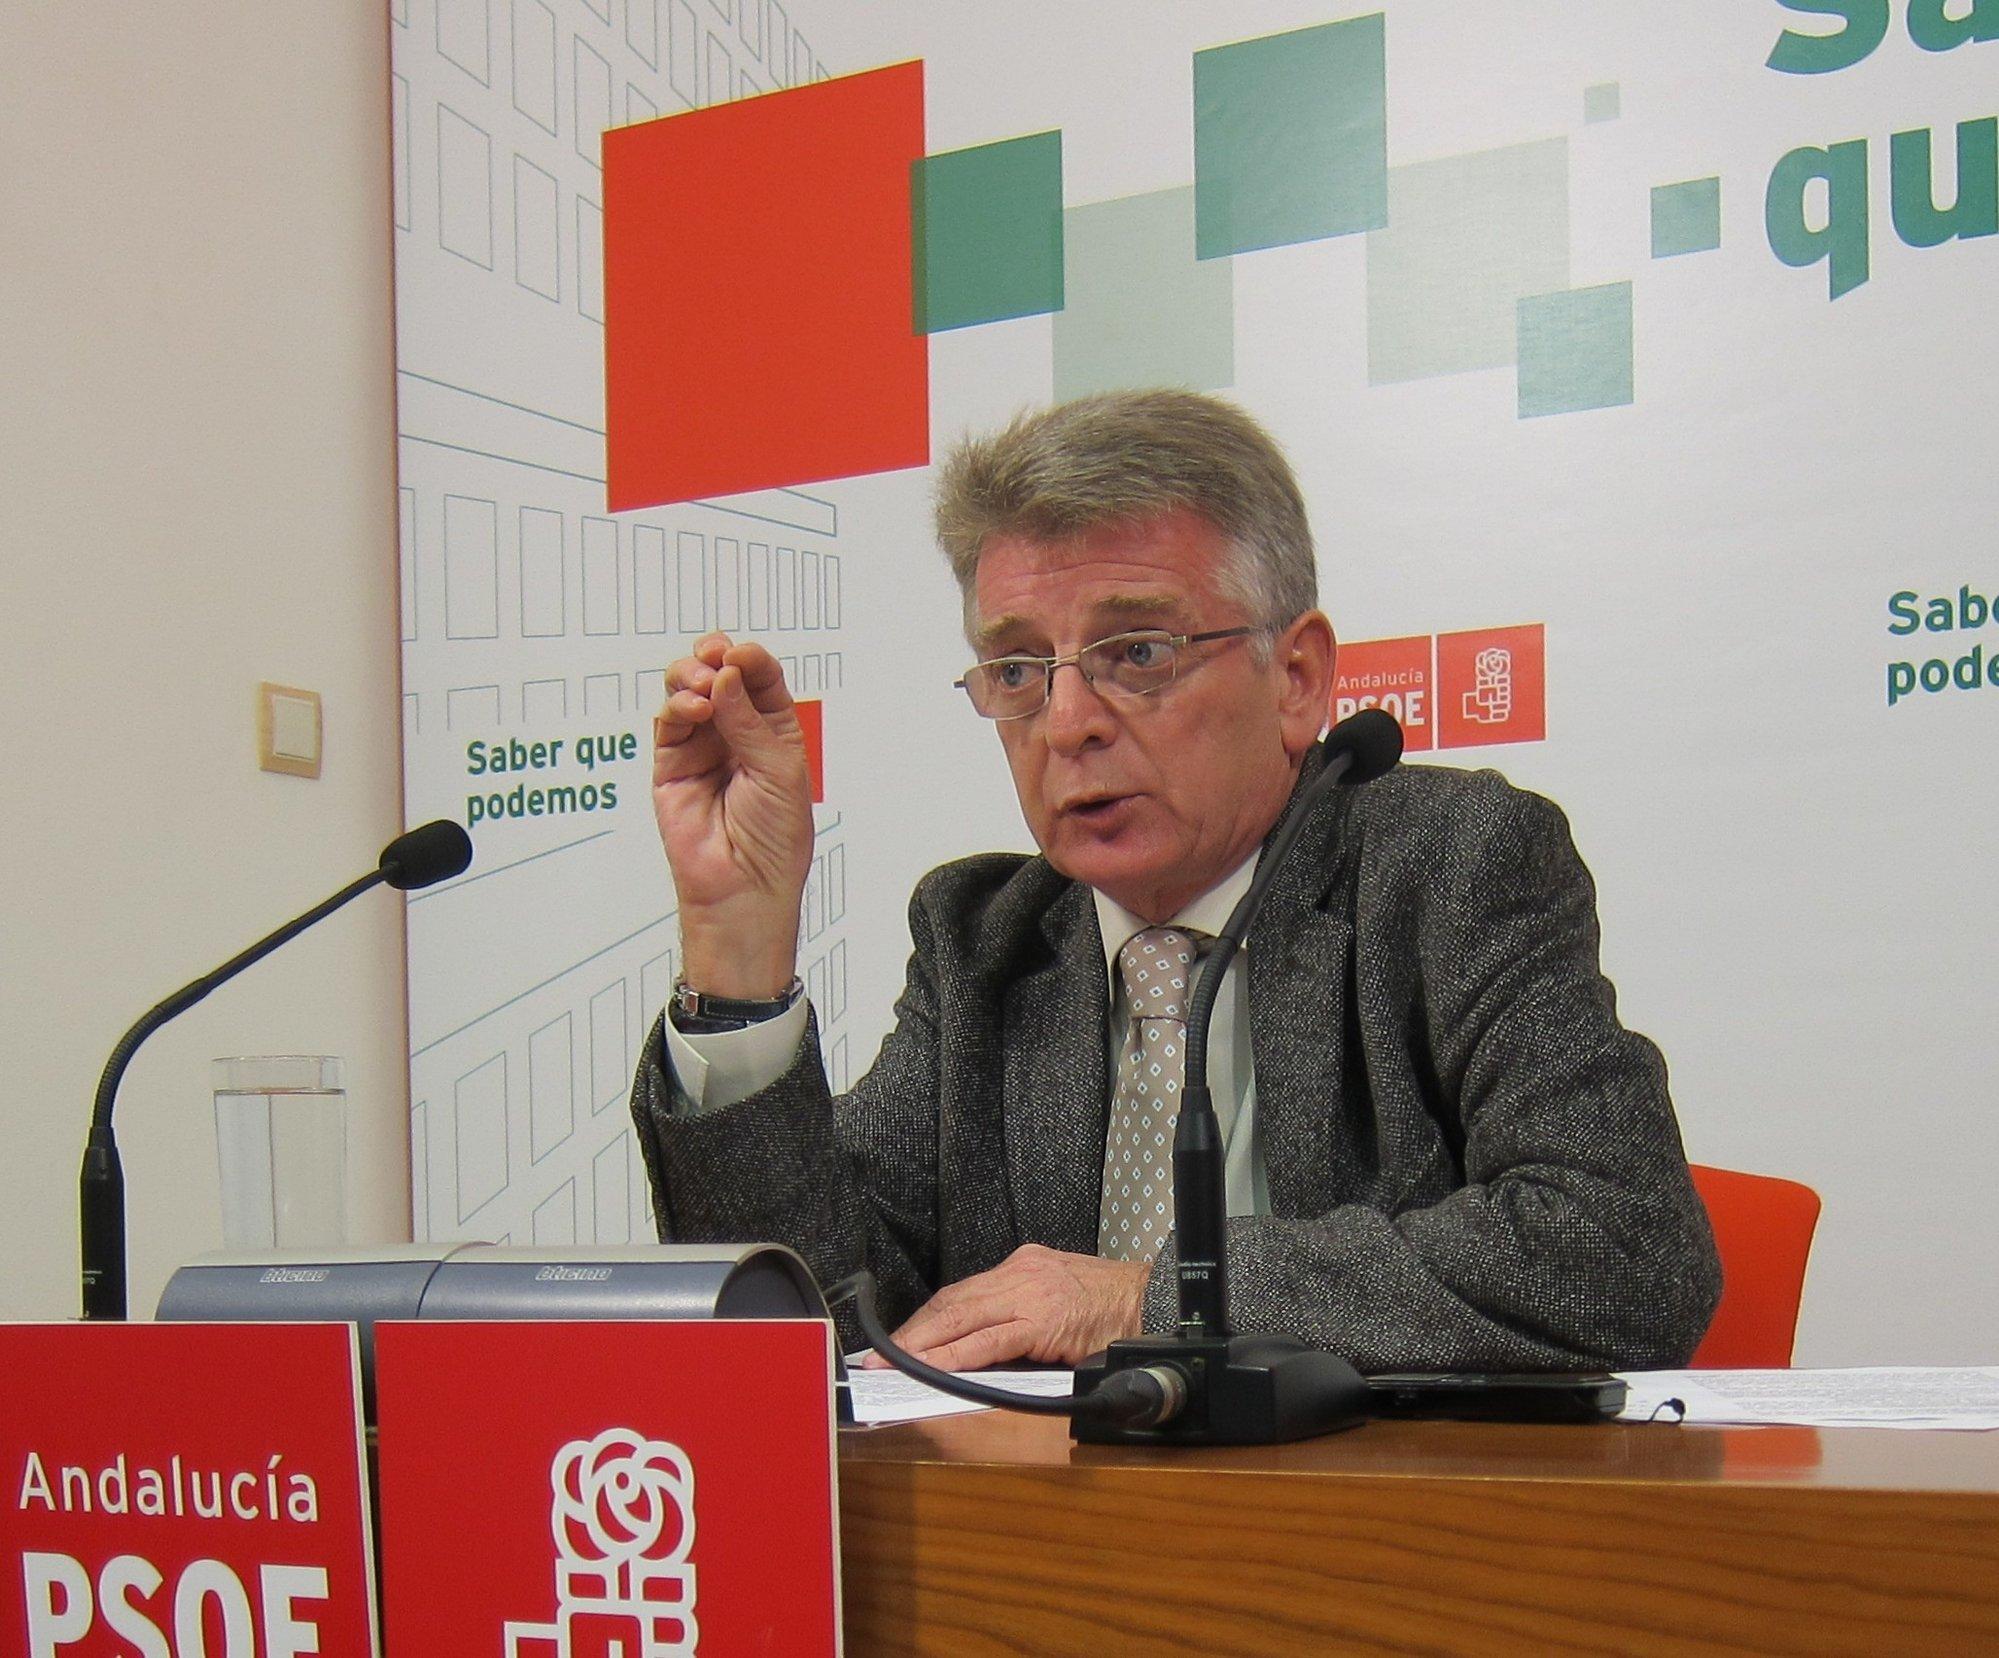 Diputado del PSOE llama «trolls» a Montoro, Báñez, Gallardón y Wert por sus reformas «provocadoras» y «chulescas»